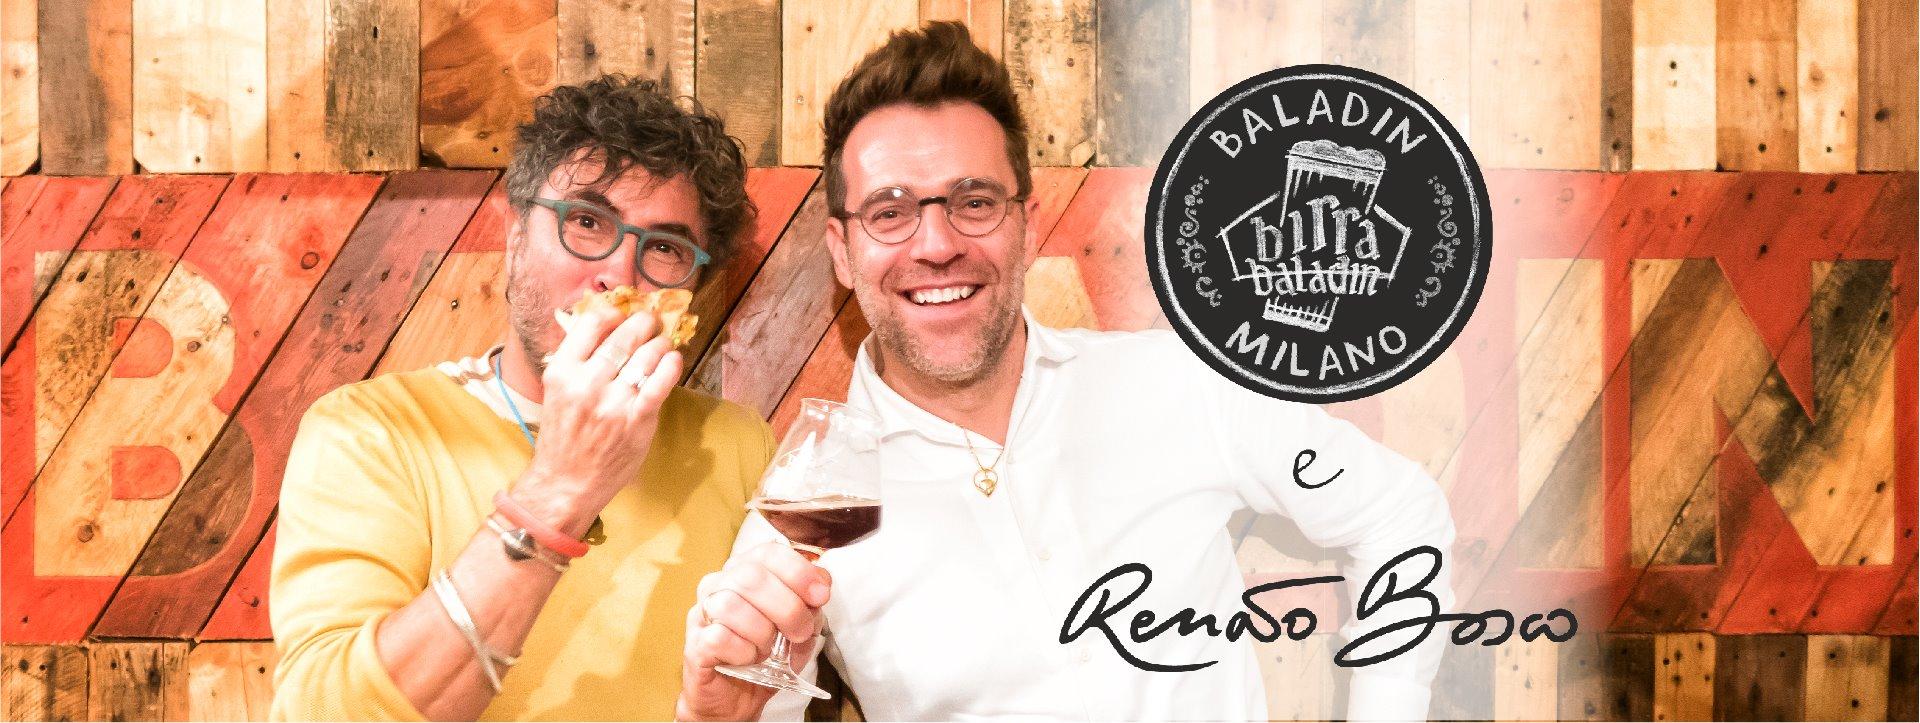 Baladin Milano e Renato Bosco